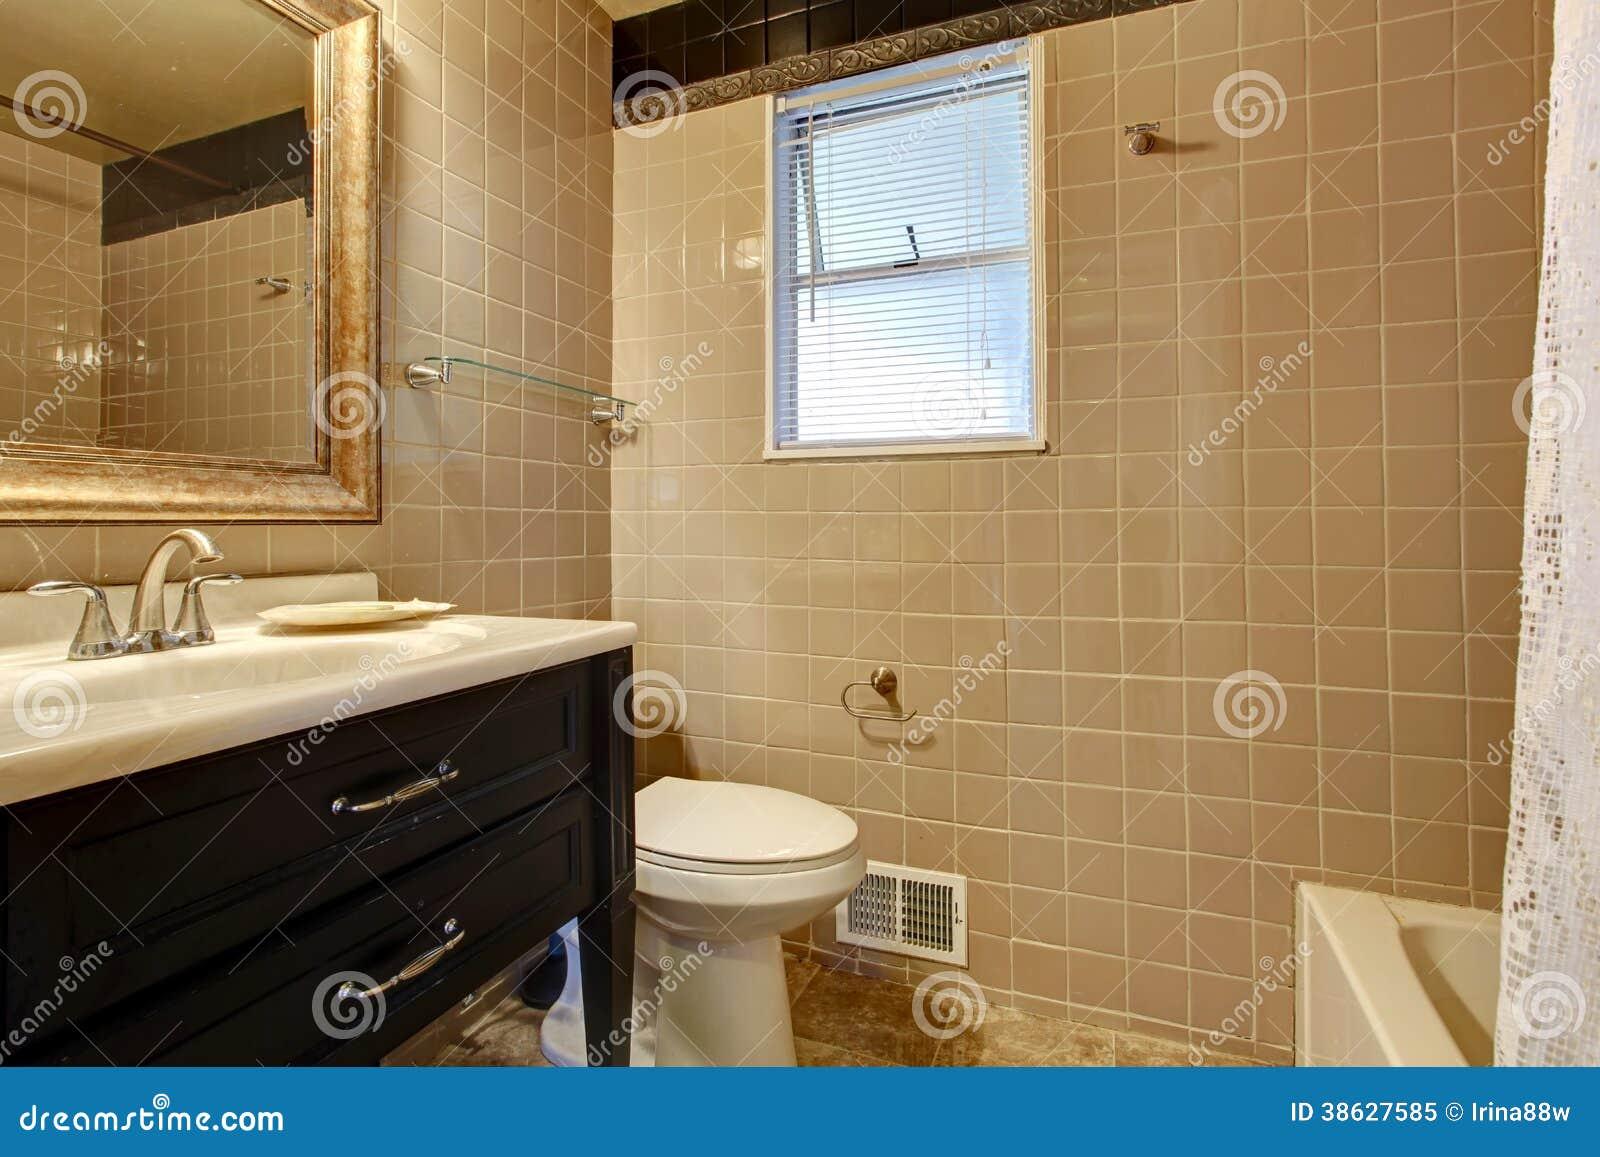 Banheiro Bege Com Um Armário Preto Da Bacia Foto de Stock Royalty  #69471F 1300x957 Banheiro Branco Bege